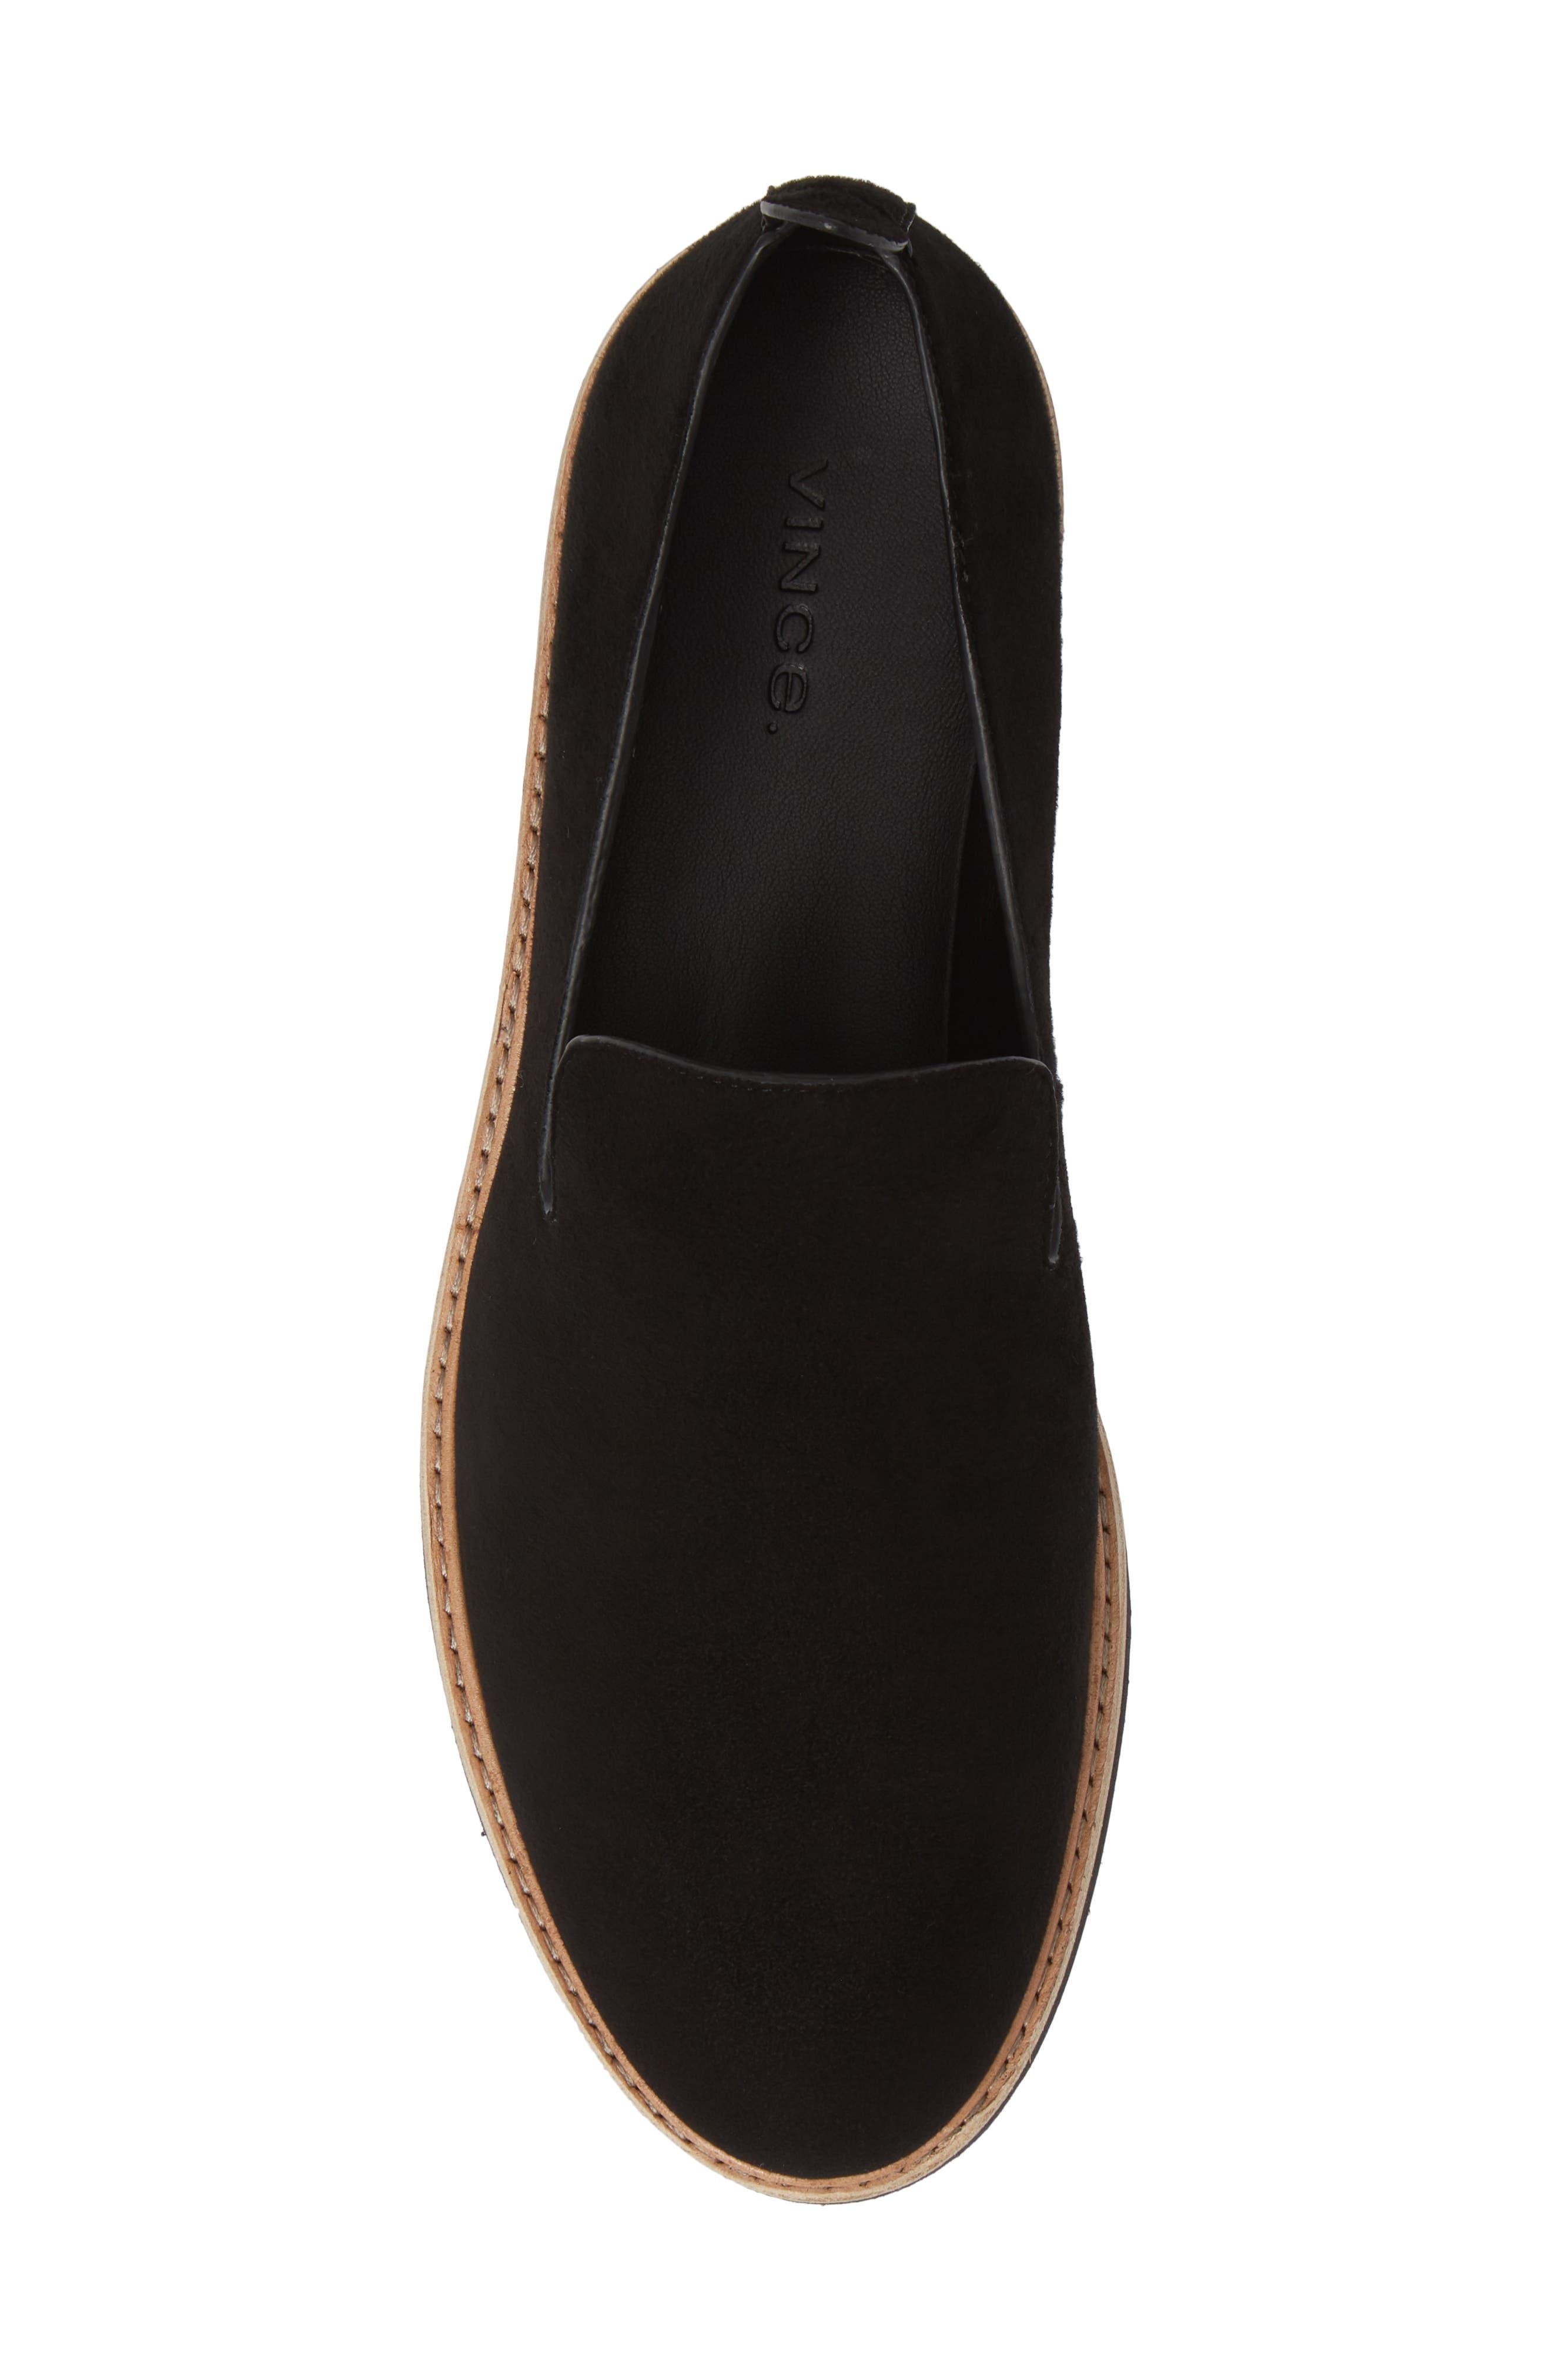 Sanders Slip-On Sneaker,                             Alternate thumbnail 5, color,                             BLACK/ BLACK LEATHER